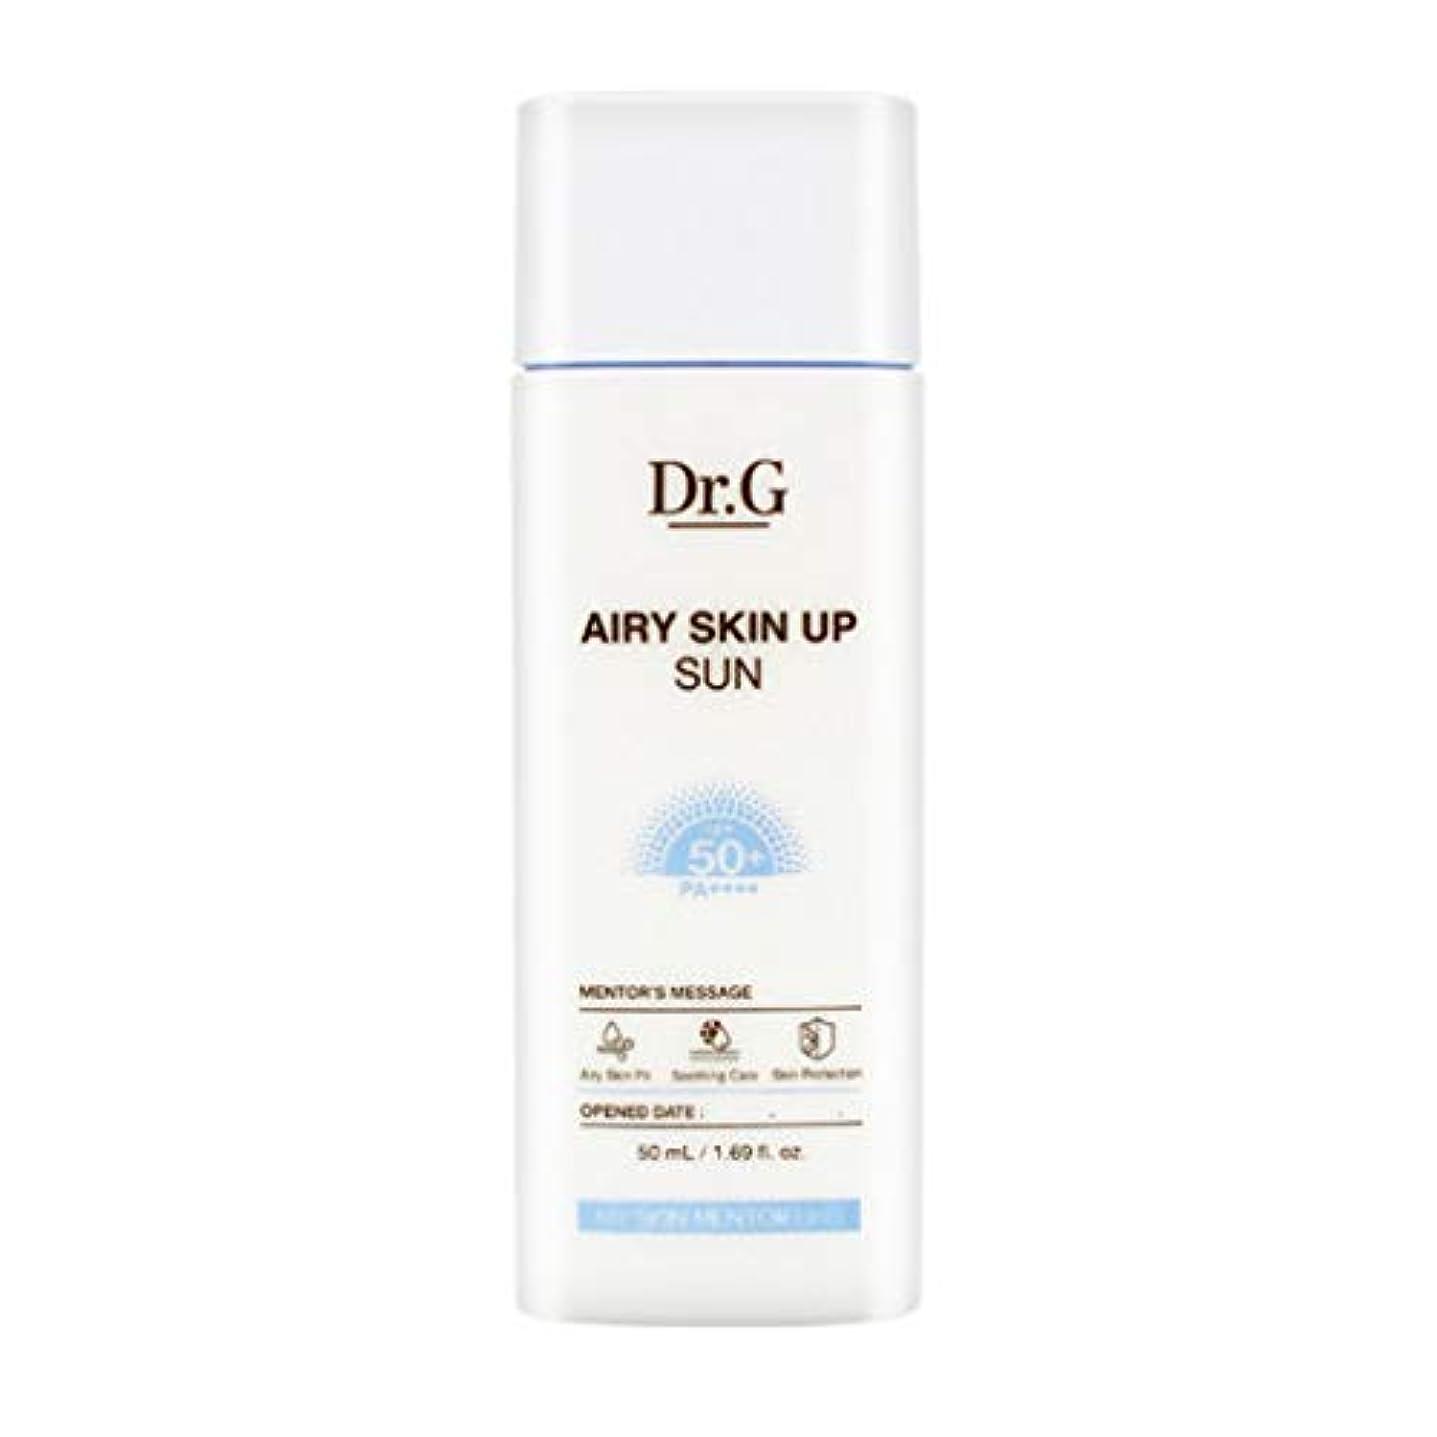 バトル比類なきうまDr.G ドクタージー Airy Skin Up Sun エアリースキンアップサン (50ml) SPF50+ PA++++ Dr G DrG 日焼け止め